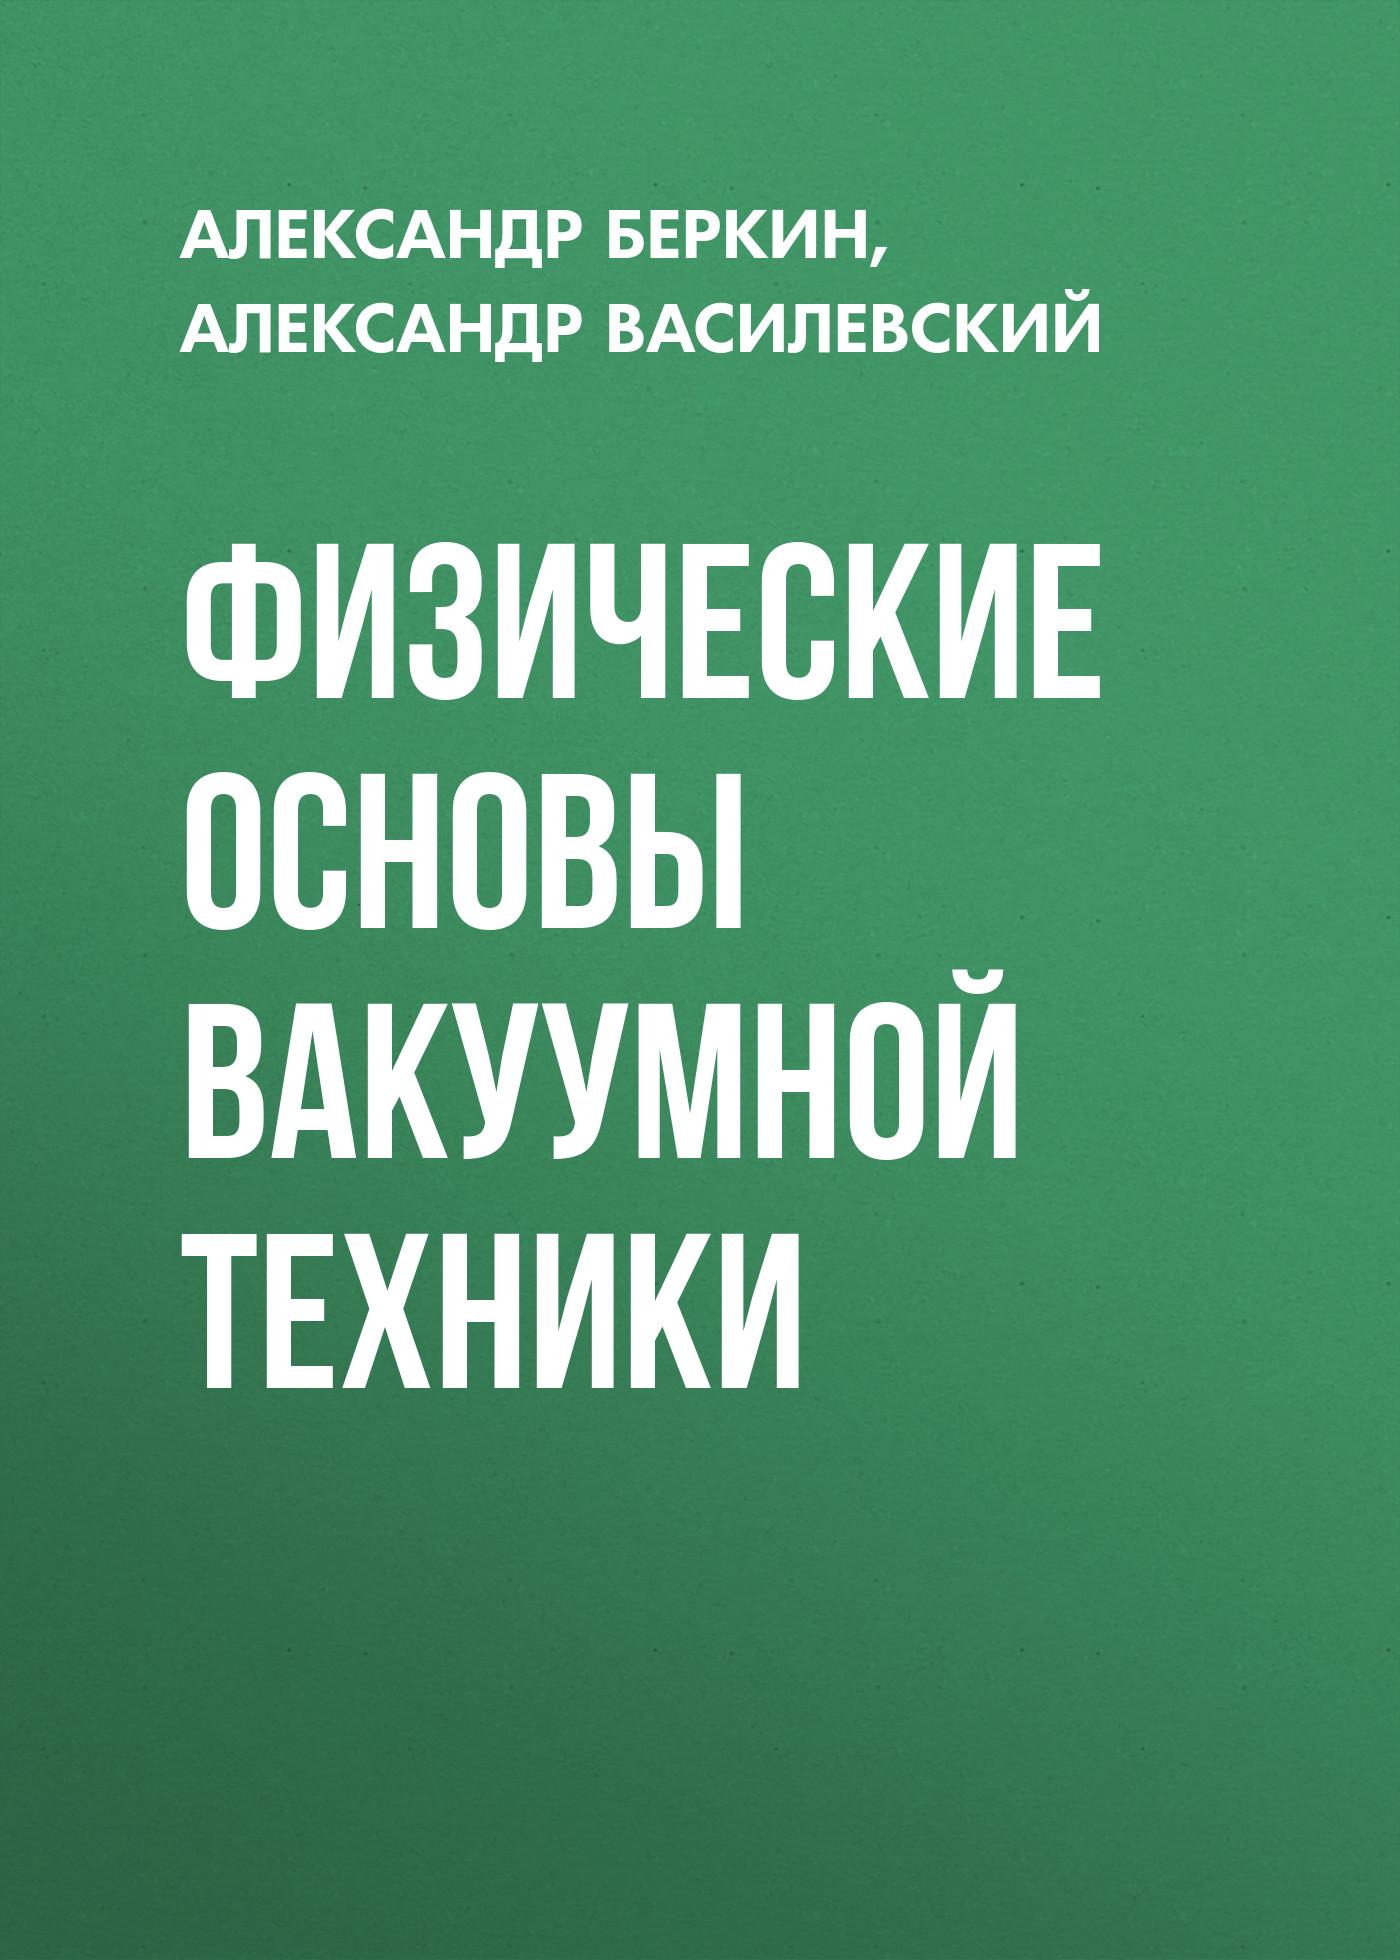 Александр Василевский Физические основы вакуумной техники цена